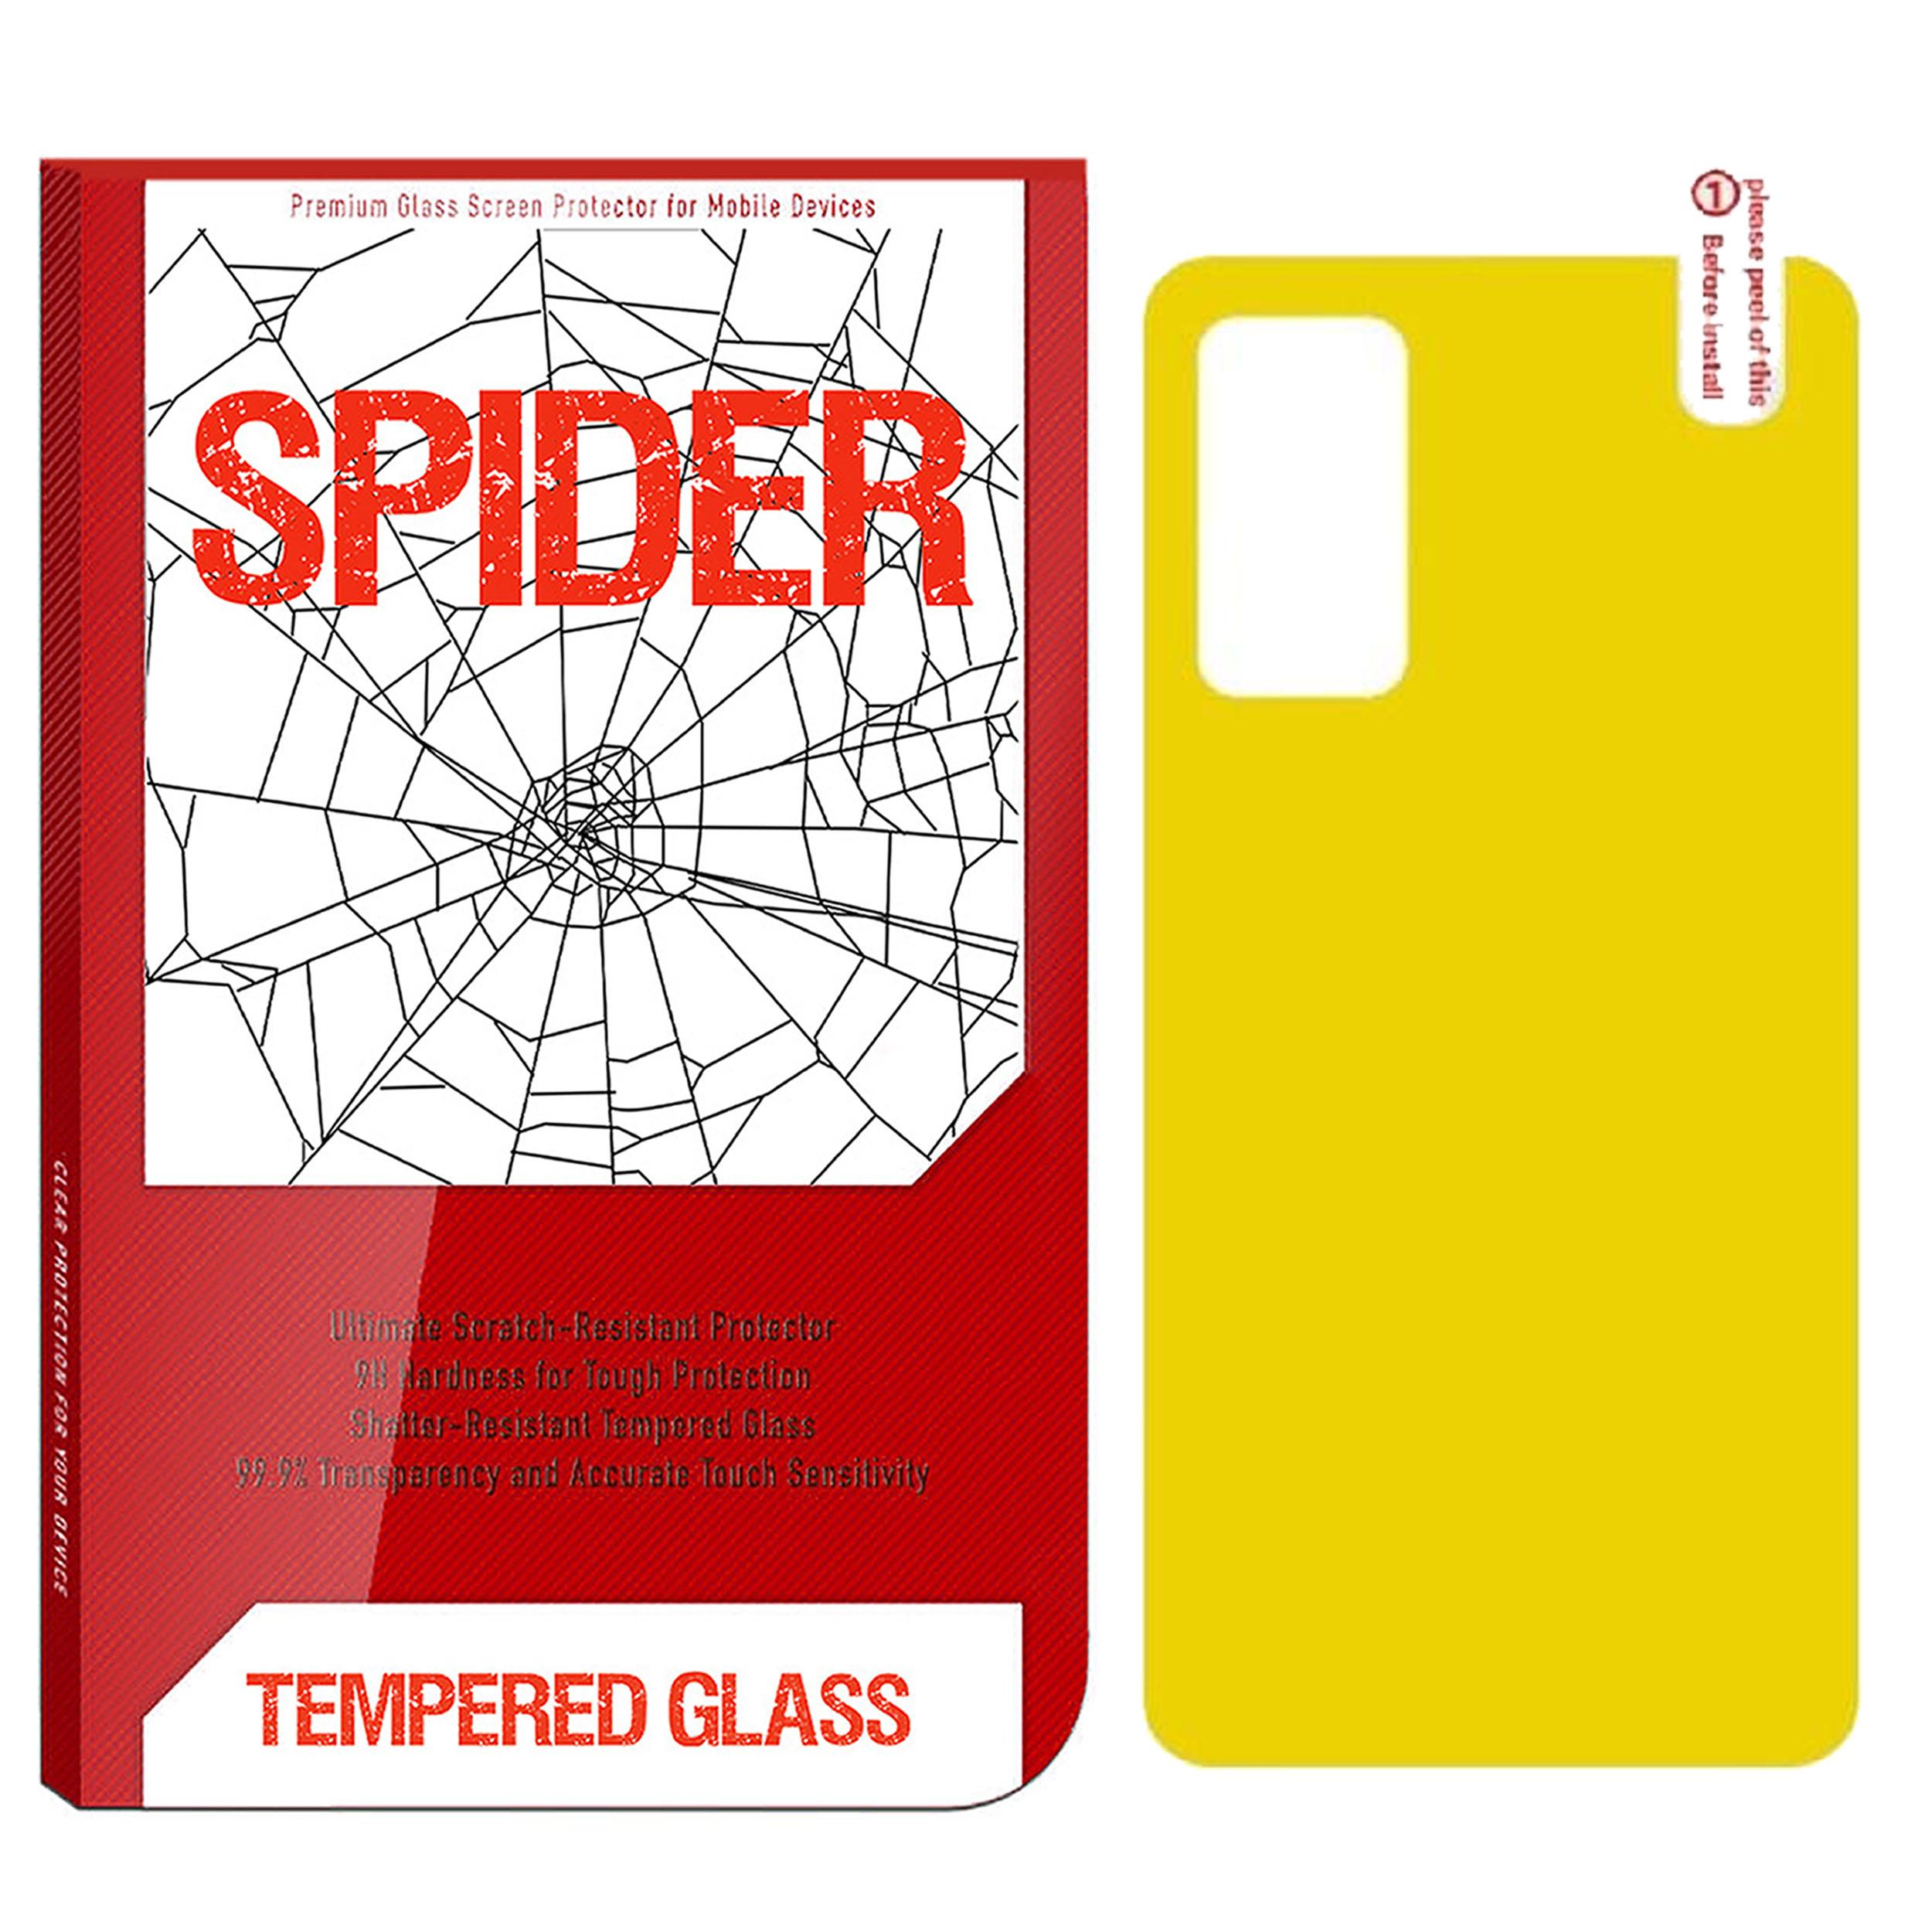 محافظ پشت گوشی اسپایدر مدل TPP-01 مناسب برای گوشی موبایل سامسونگ Galaxy Note 10 Lite              ( قیمت و خرید)